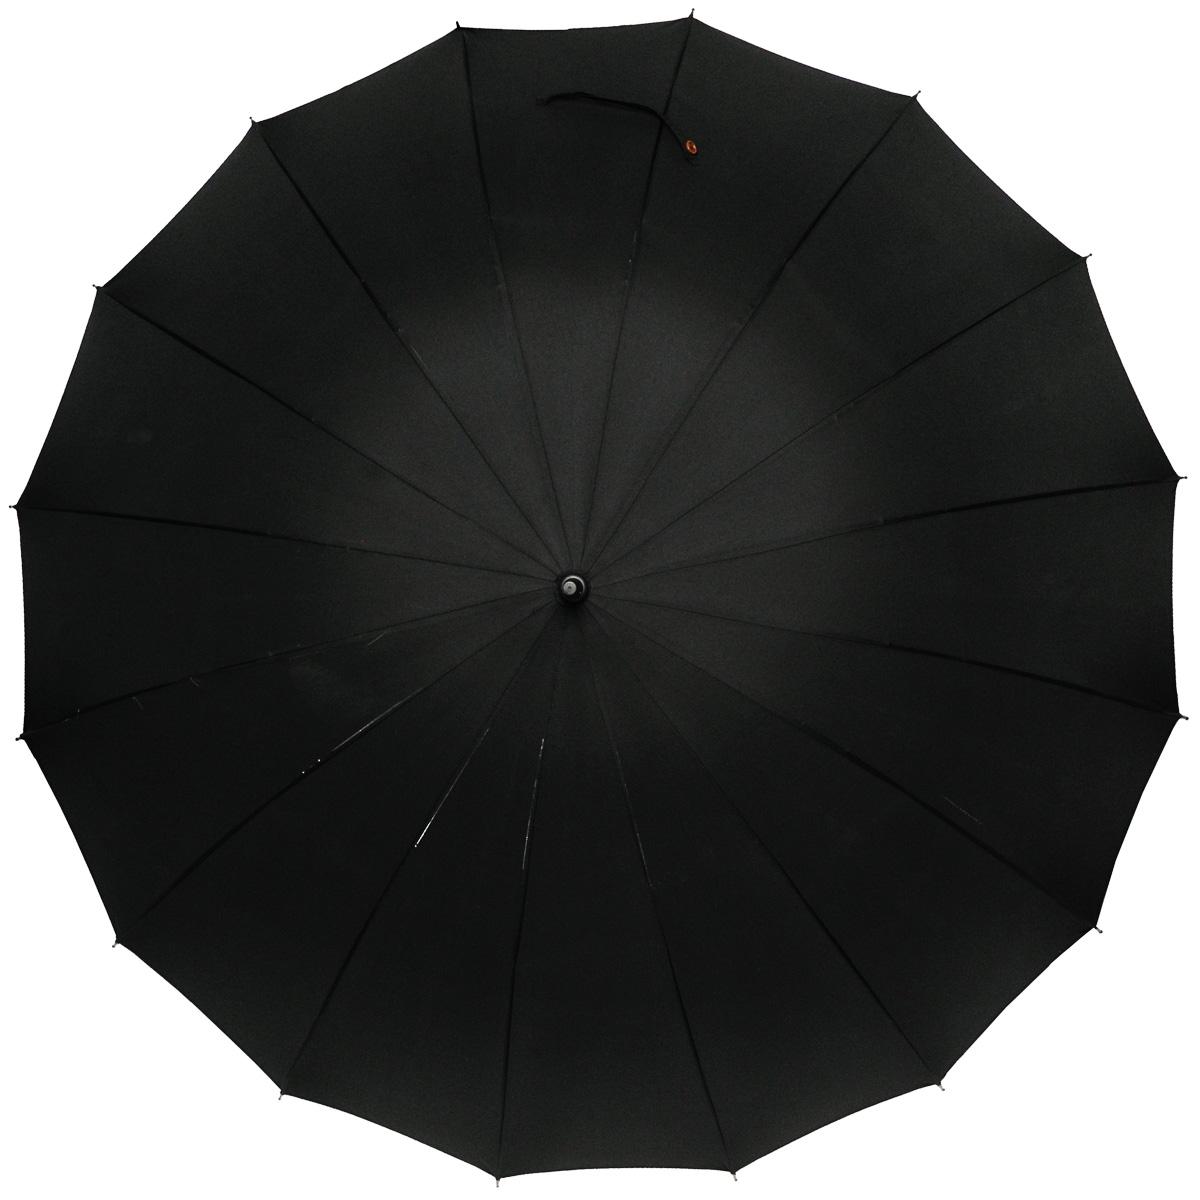 Зонт-трость мужской Zest, механический, цвет: черный. 4156041560Мужской механический зонт-трость Zest даже в ненастную погоду позволит вам оставаться стильным. Каркас зонта, выполненный их фибергласса, состоит из 16 спиц и прочного стержня. Специальная система Windproof защищает его от поломок во время сильных порывов ветра. Купол зонта черного цвета выполнен из прочного полиэстера с водоотталкивающей пропиткой. Используемые высококачественные красители, а также покрытие Teflon обеспечивают длительное сохранение свойств ткани купола. Рукоятка закругленной формы, разработанная с учетом требований эргономики, выполнена из дерева. Зонт имеет механический тип сложения: купол открывается и закрывается вручную до характерного щелчка. Такой зонт не только надежно защитит вас от дождя, но и станет стильным аксессуаром. Характеристики: Материал: полиэстер, фибергласс, сталь, дерево. Диаметр купола: 130 см. Цвет: черный. Длина стержня зонта: 94 см. Количество спиц: 16 шт. Длина зонта (в сложенном...